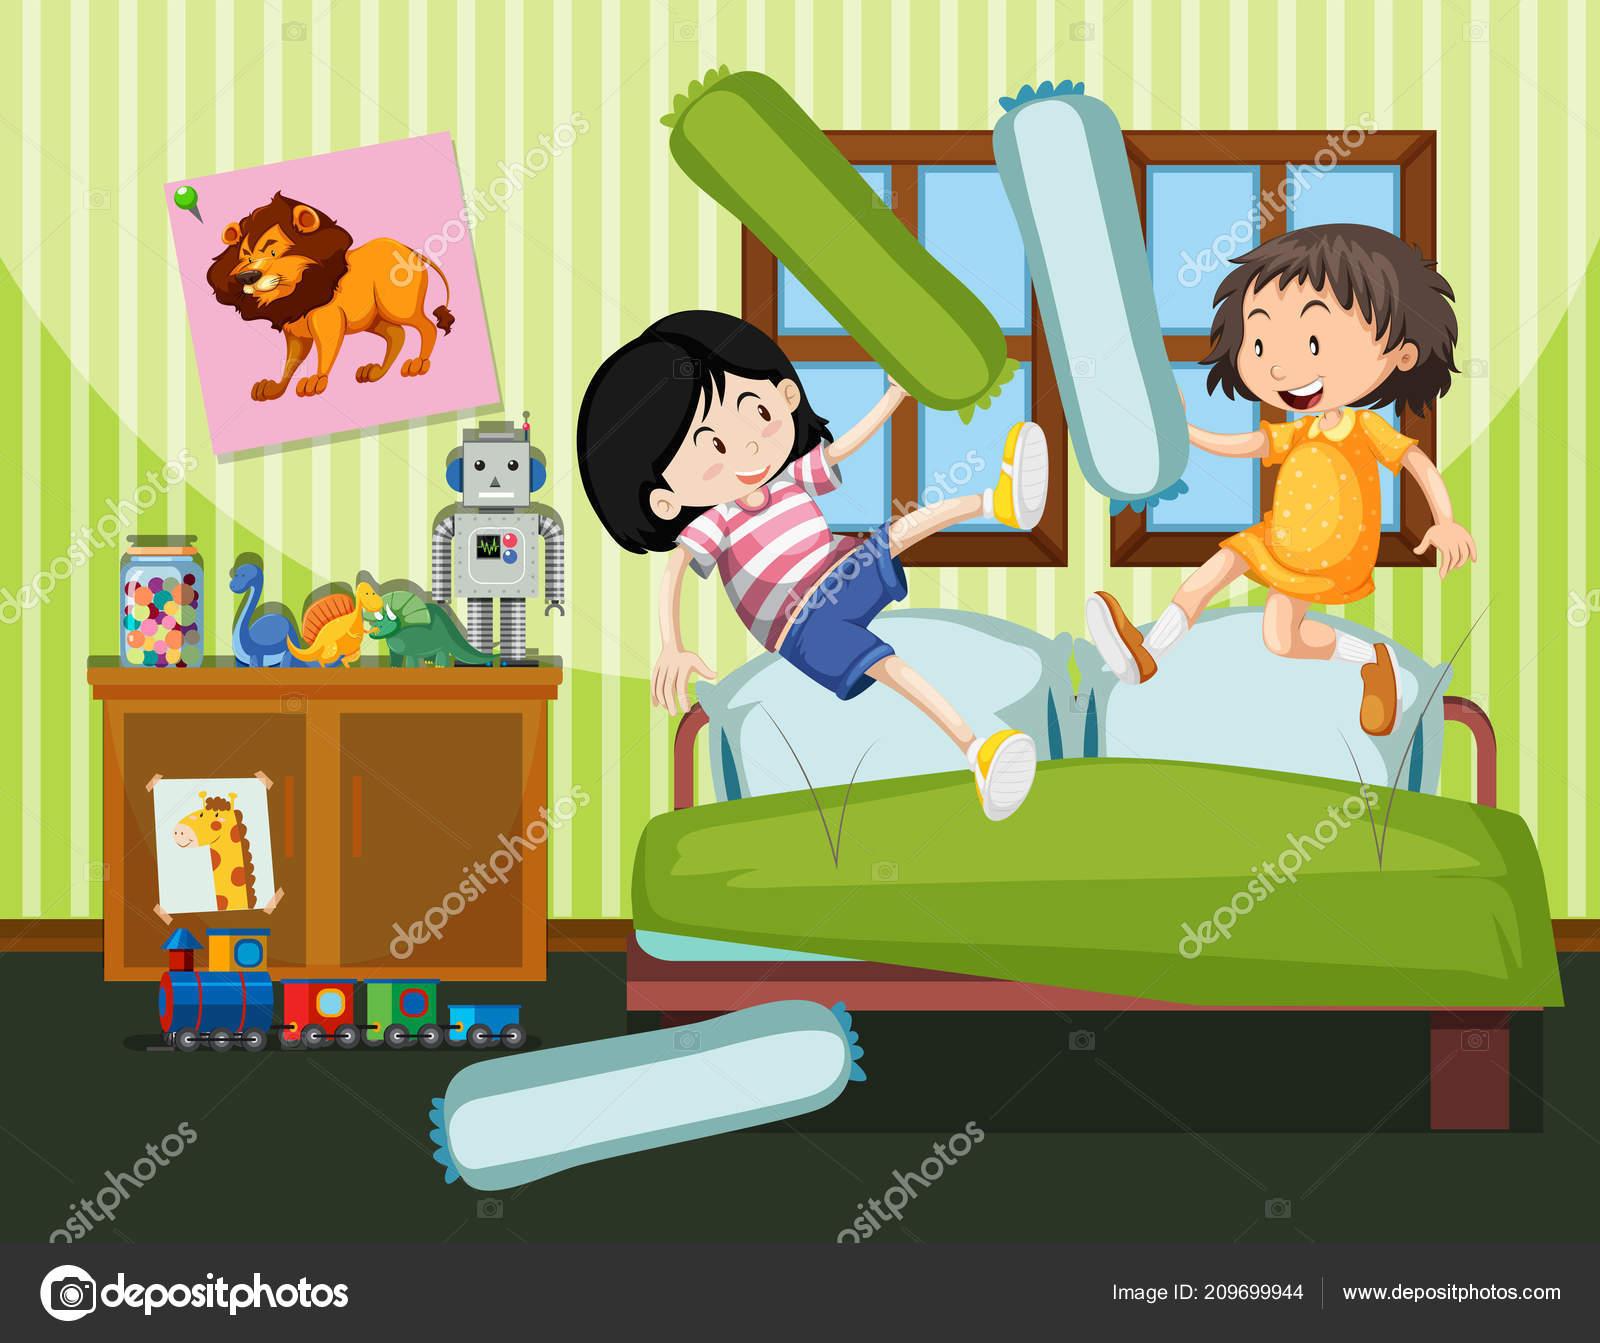 65d6bafcdd Dos Chicas Con Una Almohada Luchan Ilustración — Vector de stock ...